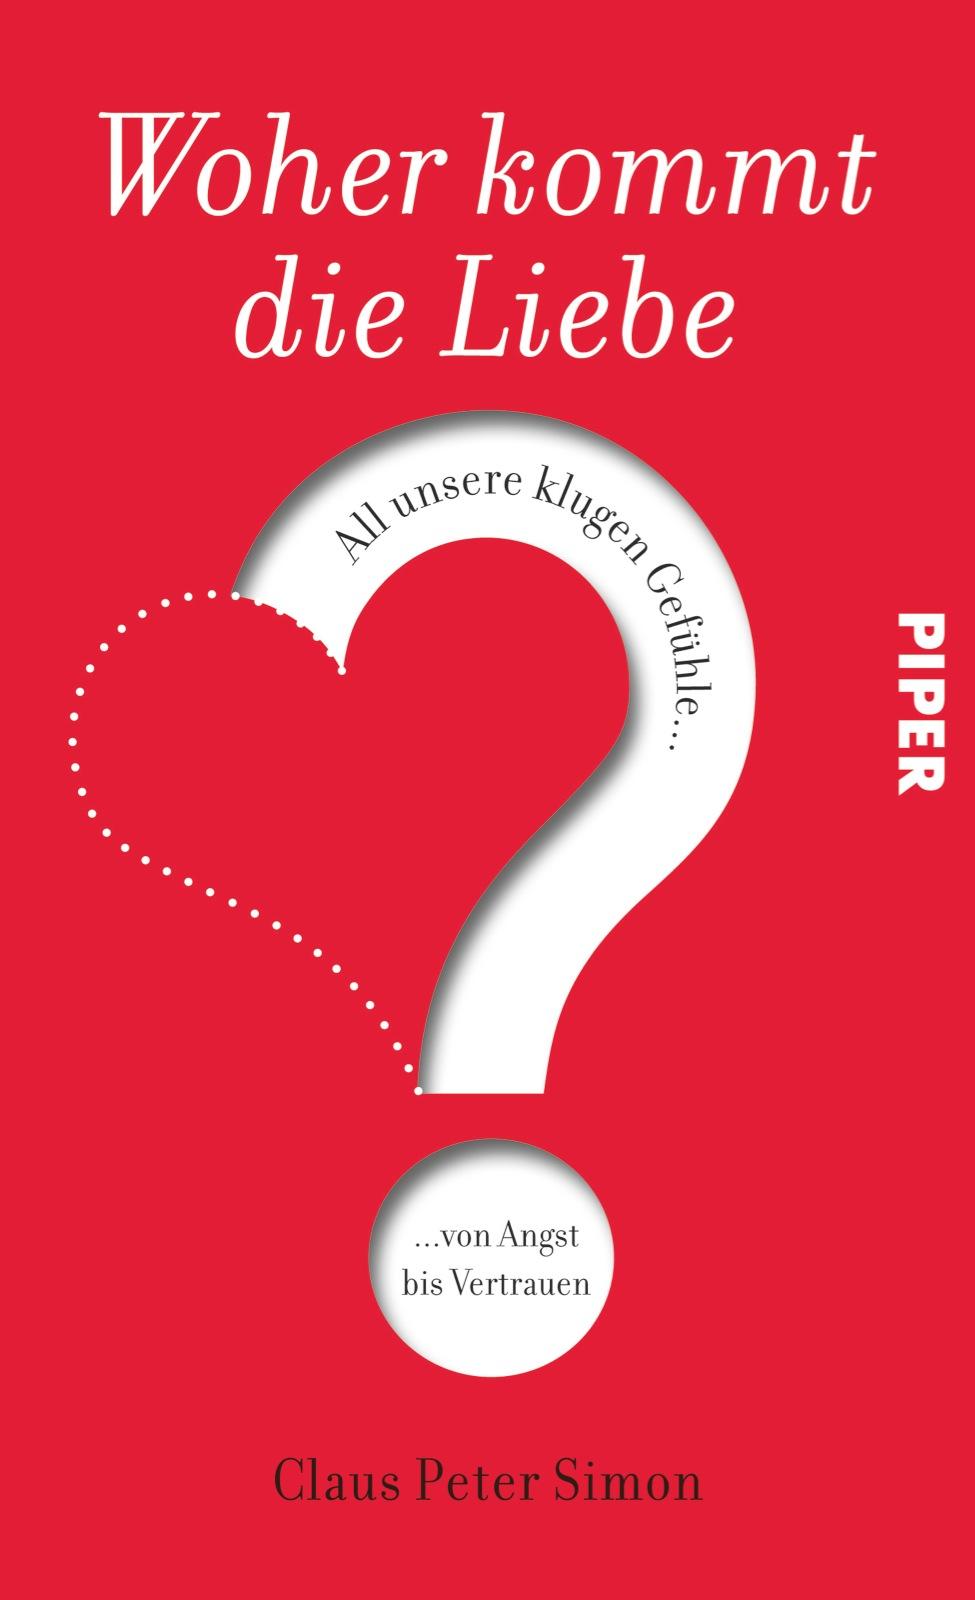 Woher kommt die Liebe?: All unsere klugen Gefüh...